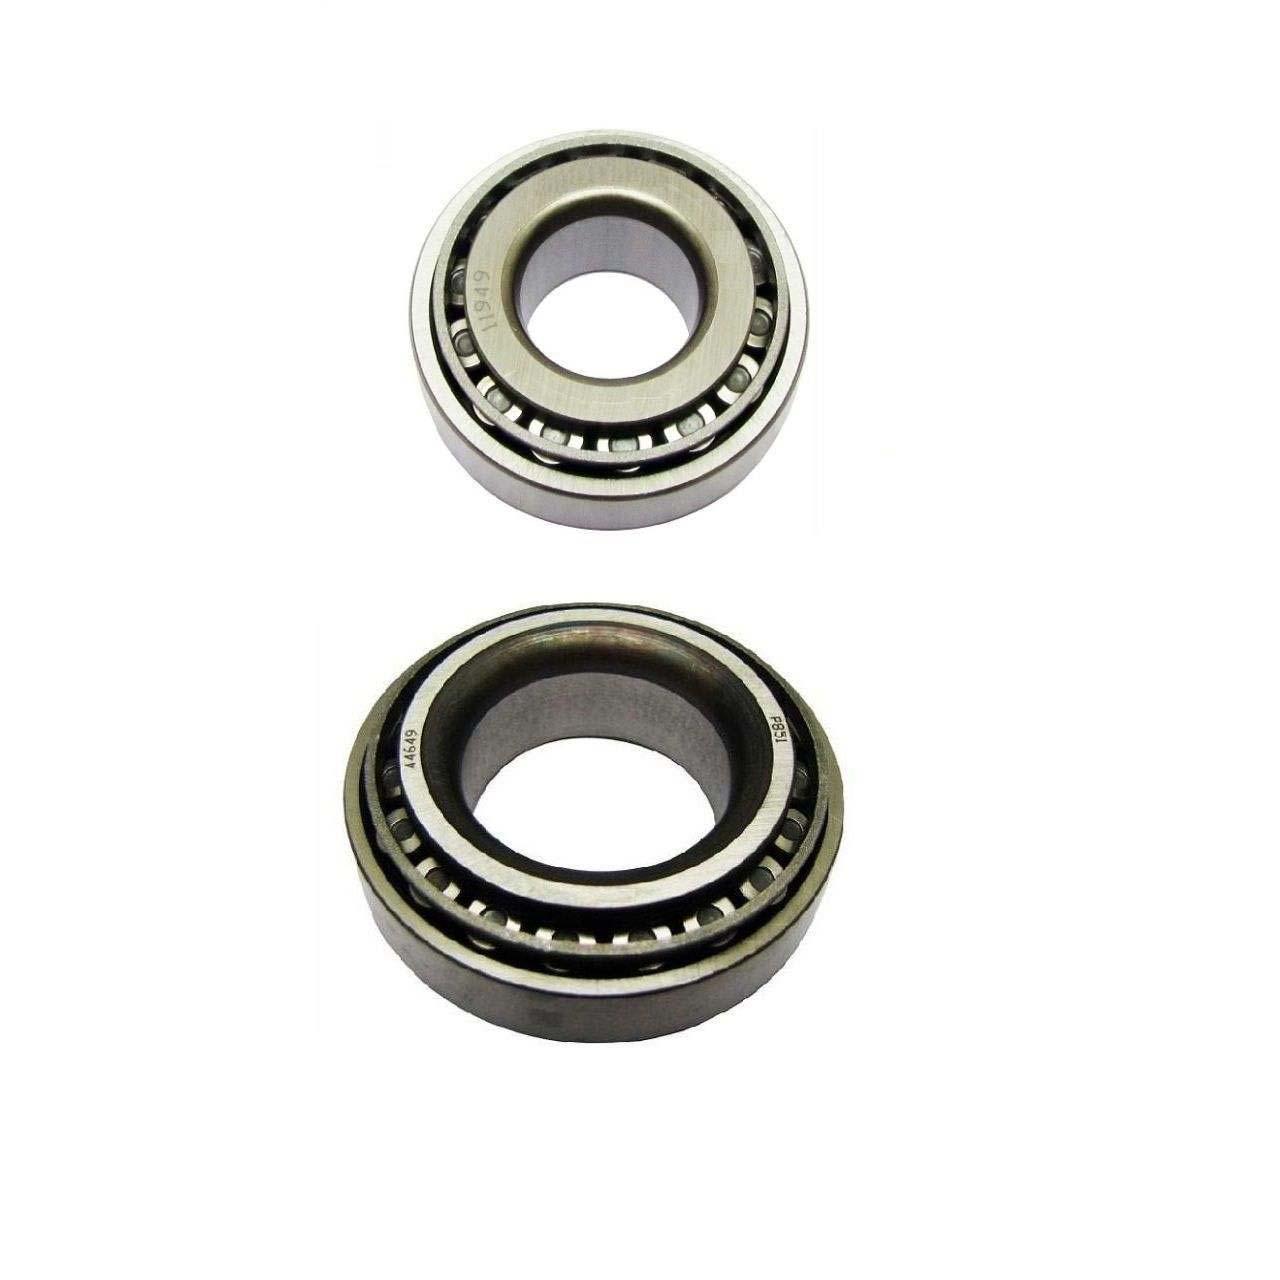 بلبرینگ چرخ عقب جی تی کد 44649/11949 AM مناسب برای پراید مجموعه 2 عددی